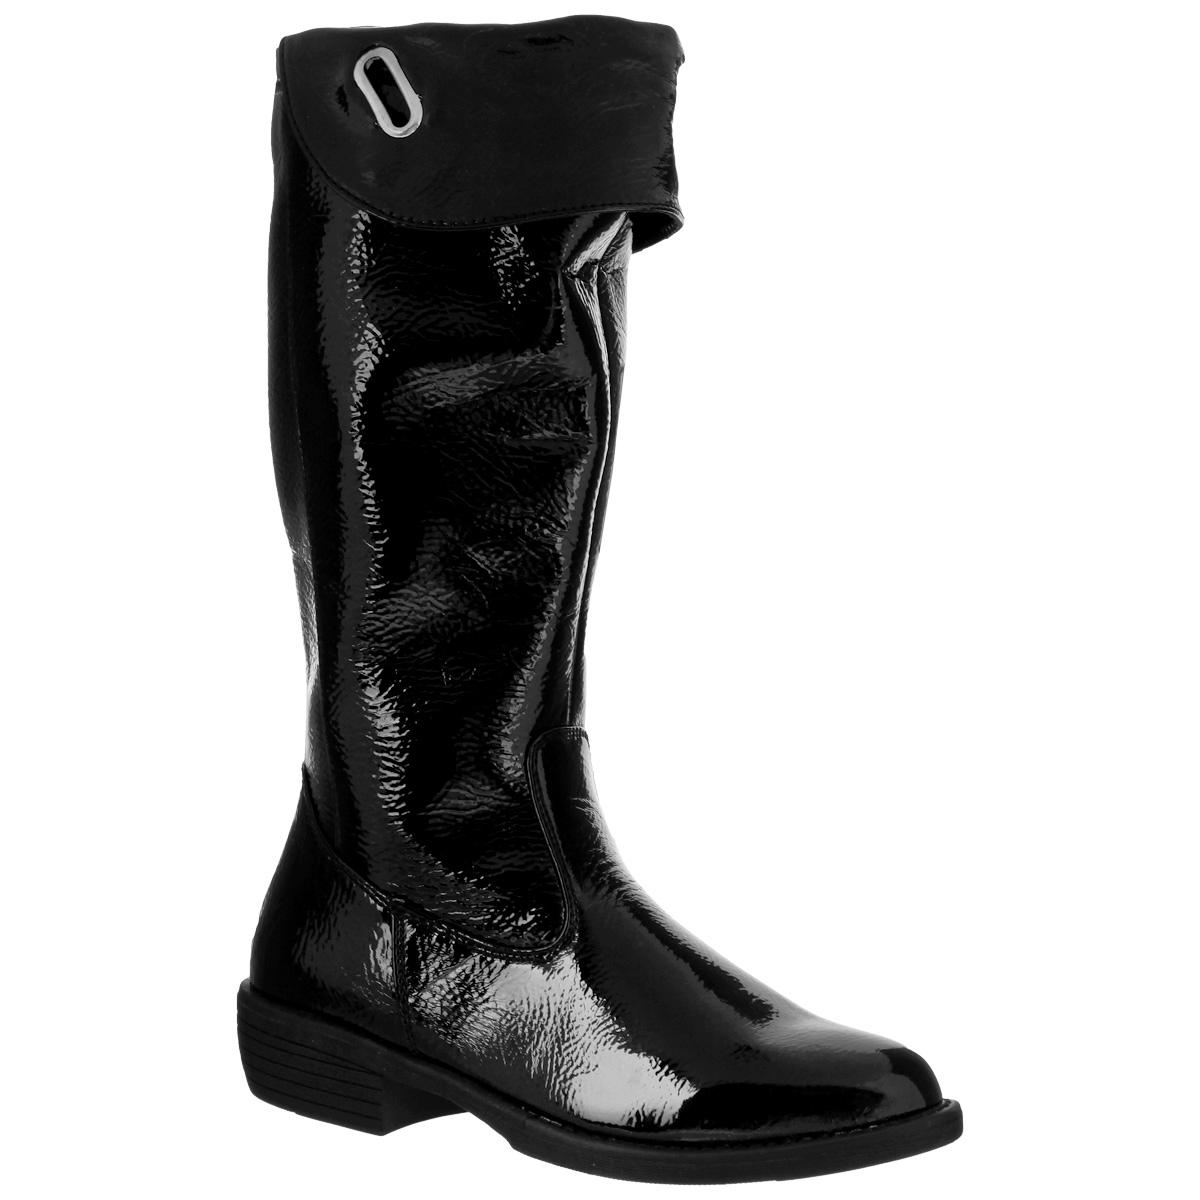 11-136Модные, стильные сапоги-ботфорты для девочки Аллигаша обеспечат удобство и комфорт ножкам вашей дочурки в прохладную погоду. Сапоги выполнены из высококачественного наплака - искусственной, мягкой, лакированной кожи. Фиксация модели на ноге обеспечивается за счет длинной застежки-молнии. Функциональный отворот при необходимости позволит увеличить высоту голенища. Внутренняя текстильная отделка в клетку и стелька-ЭВА подарят тепло и уют. Невысокий устойчивый каблук и подошва с противоскользящим рифлением гарантирует прекрасное сцепление на любой поверхности. Эти сапожки созданы для настоящих маленьких модниц!